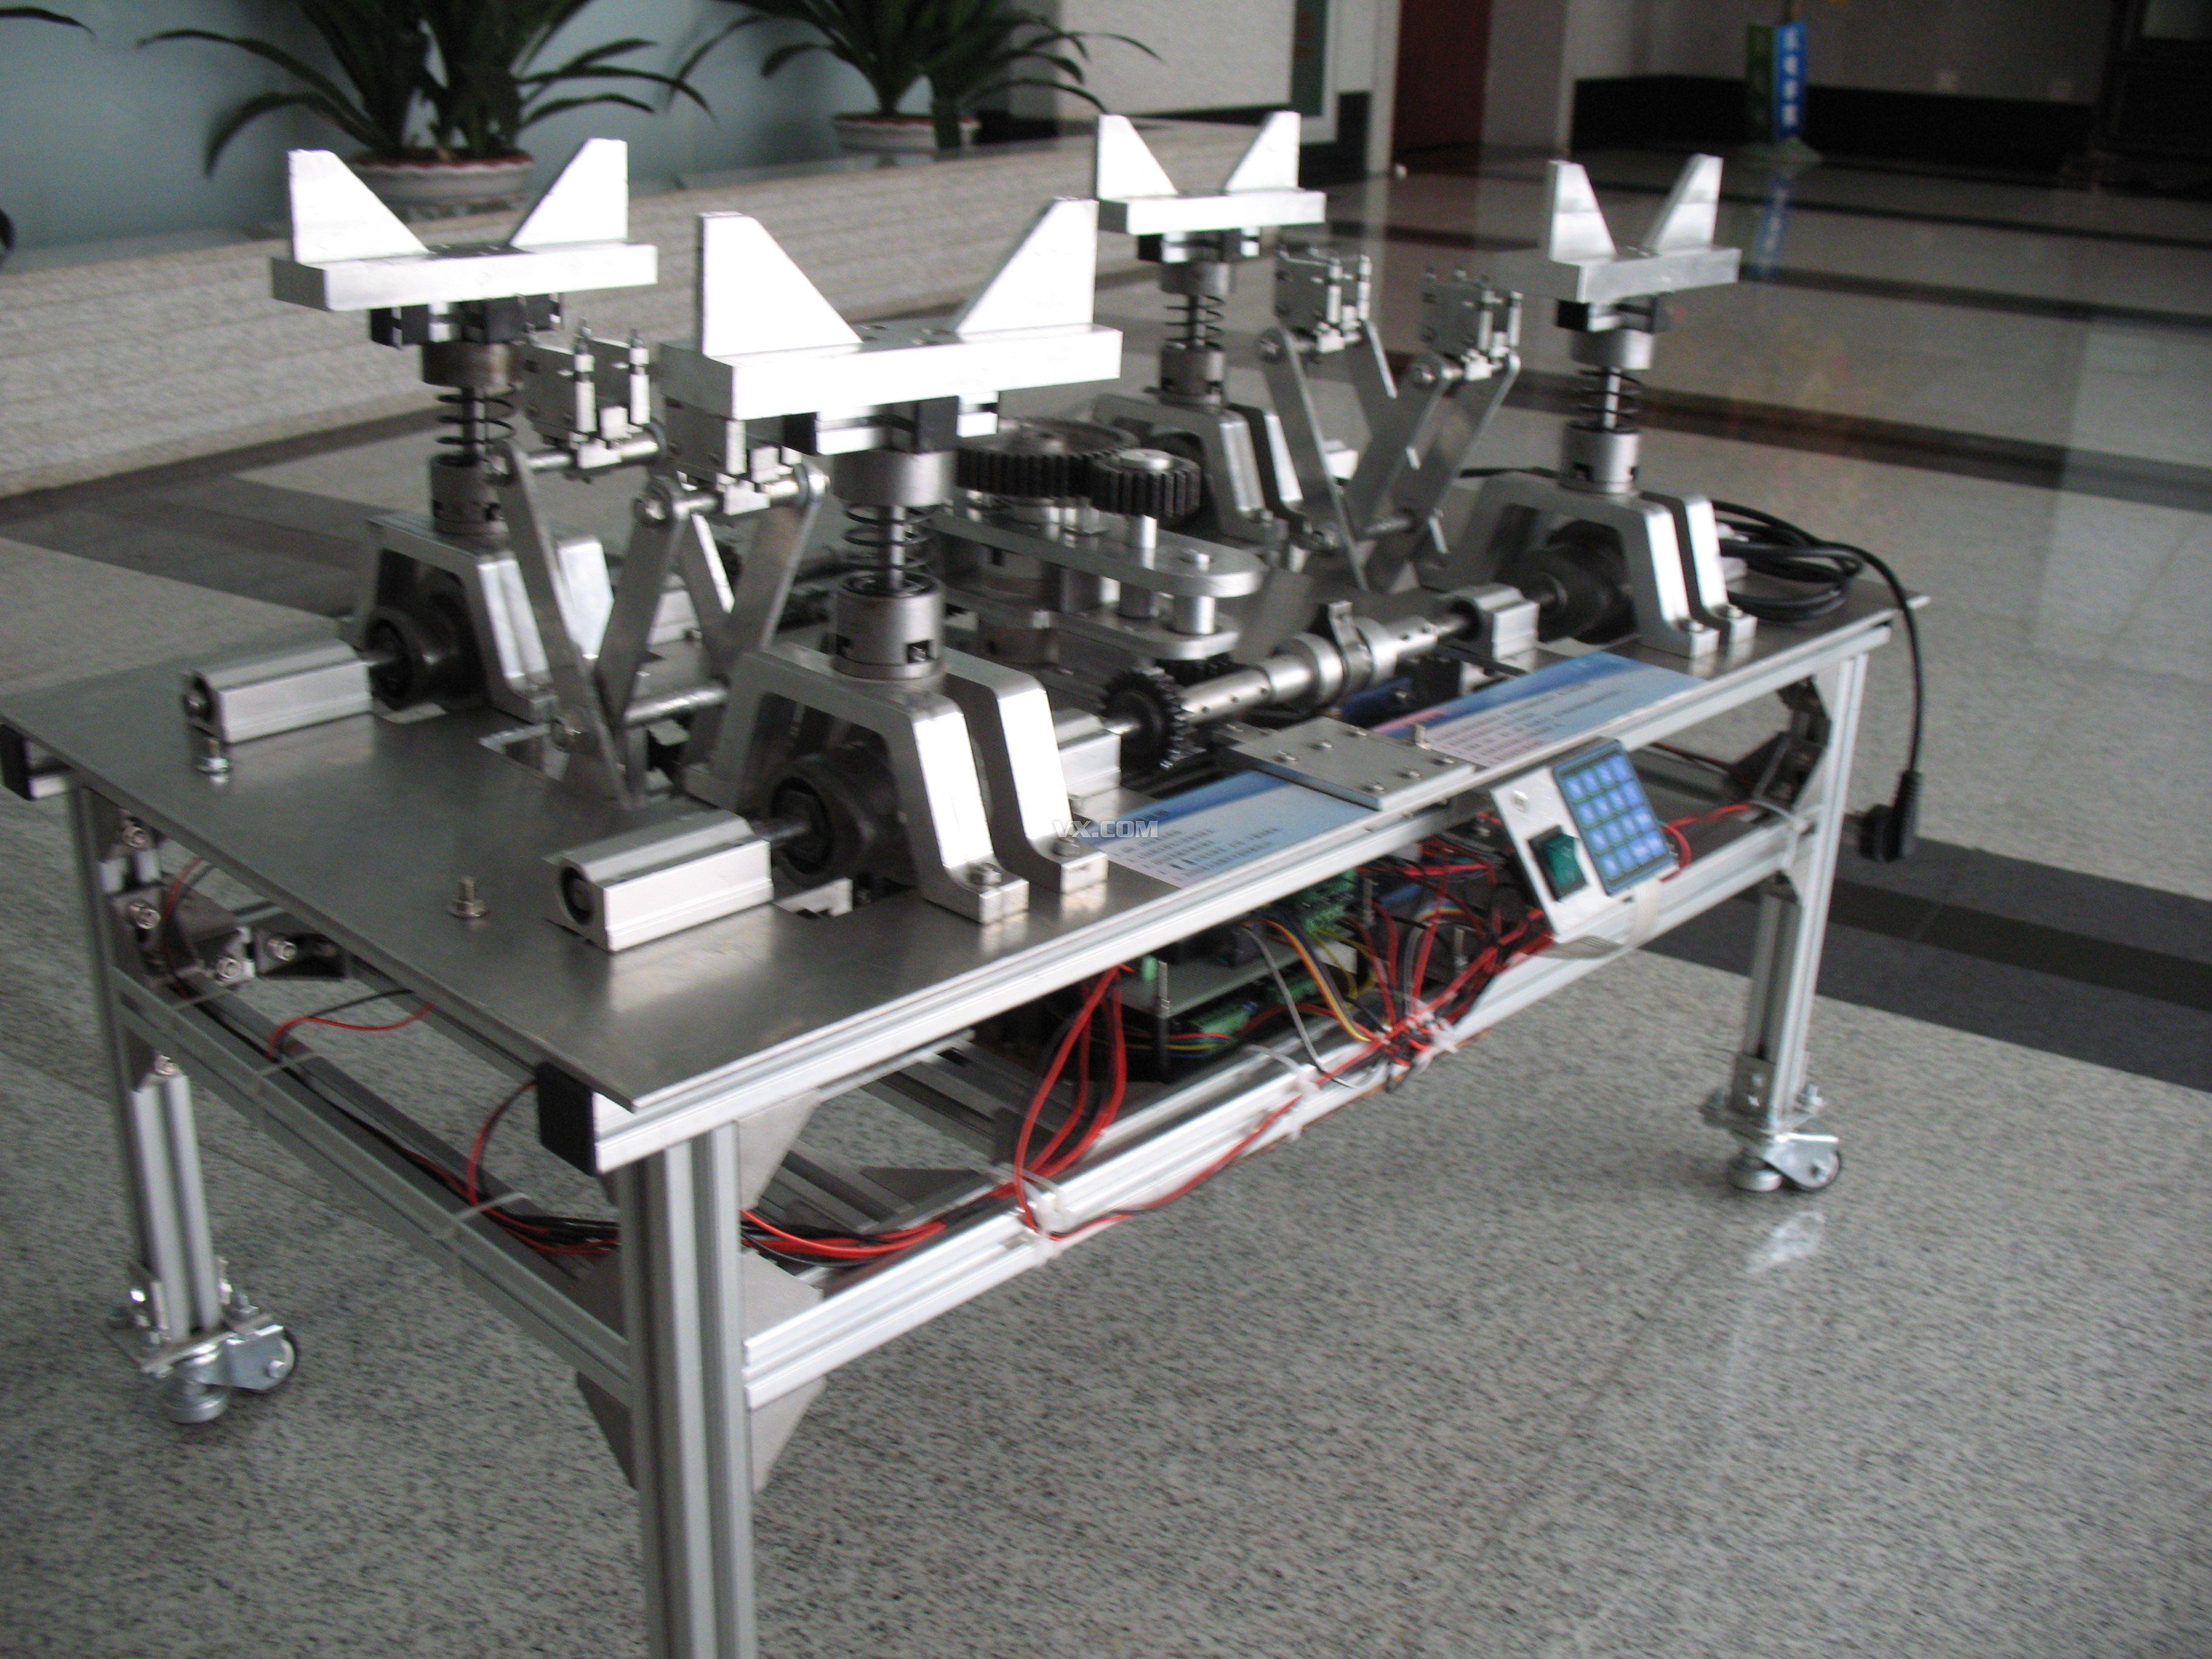 架模型动态展示台-第六届全国大学生机械创新设计大赛-全国决赛作品图片